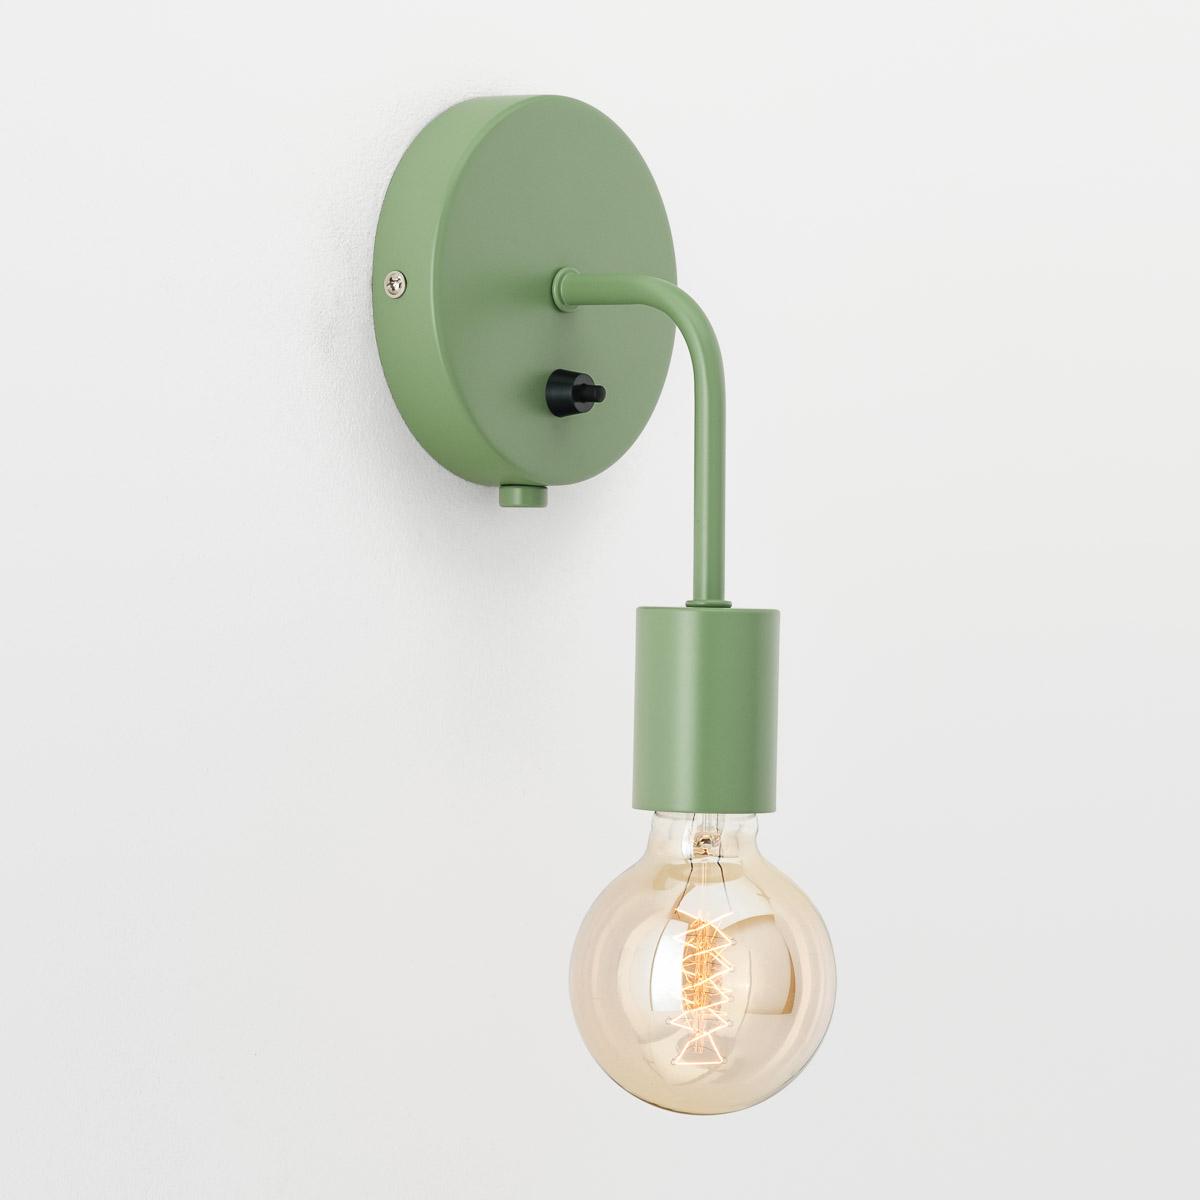 Настенный светильник Loui зеленый